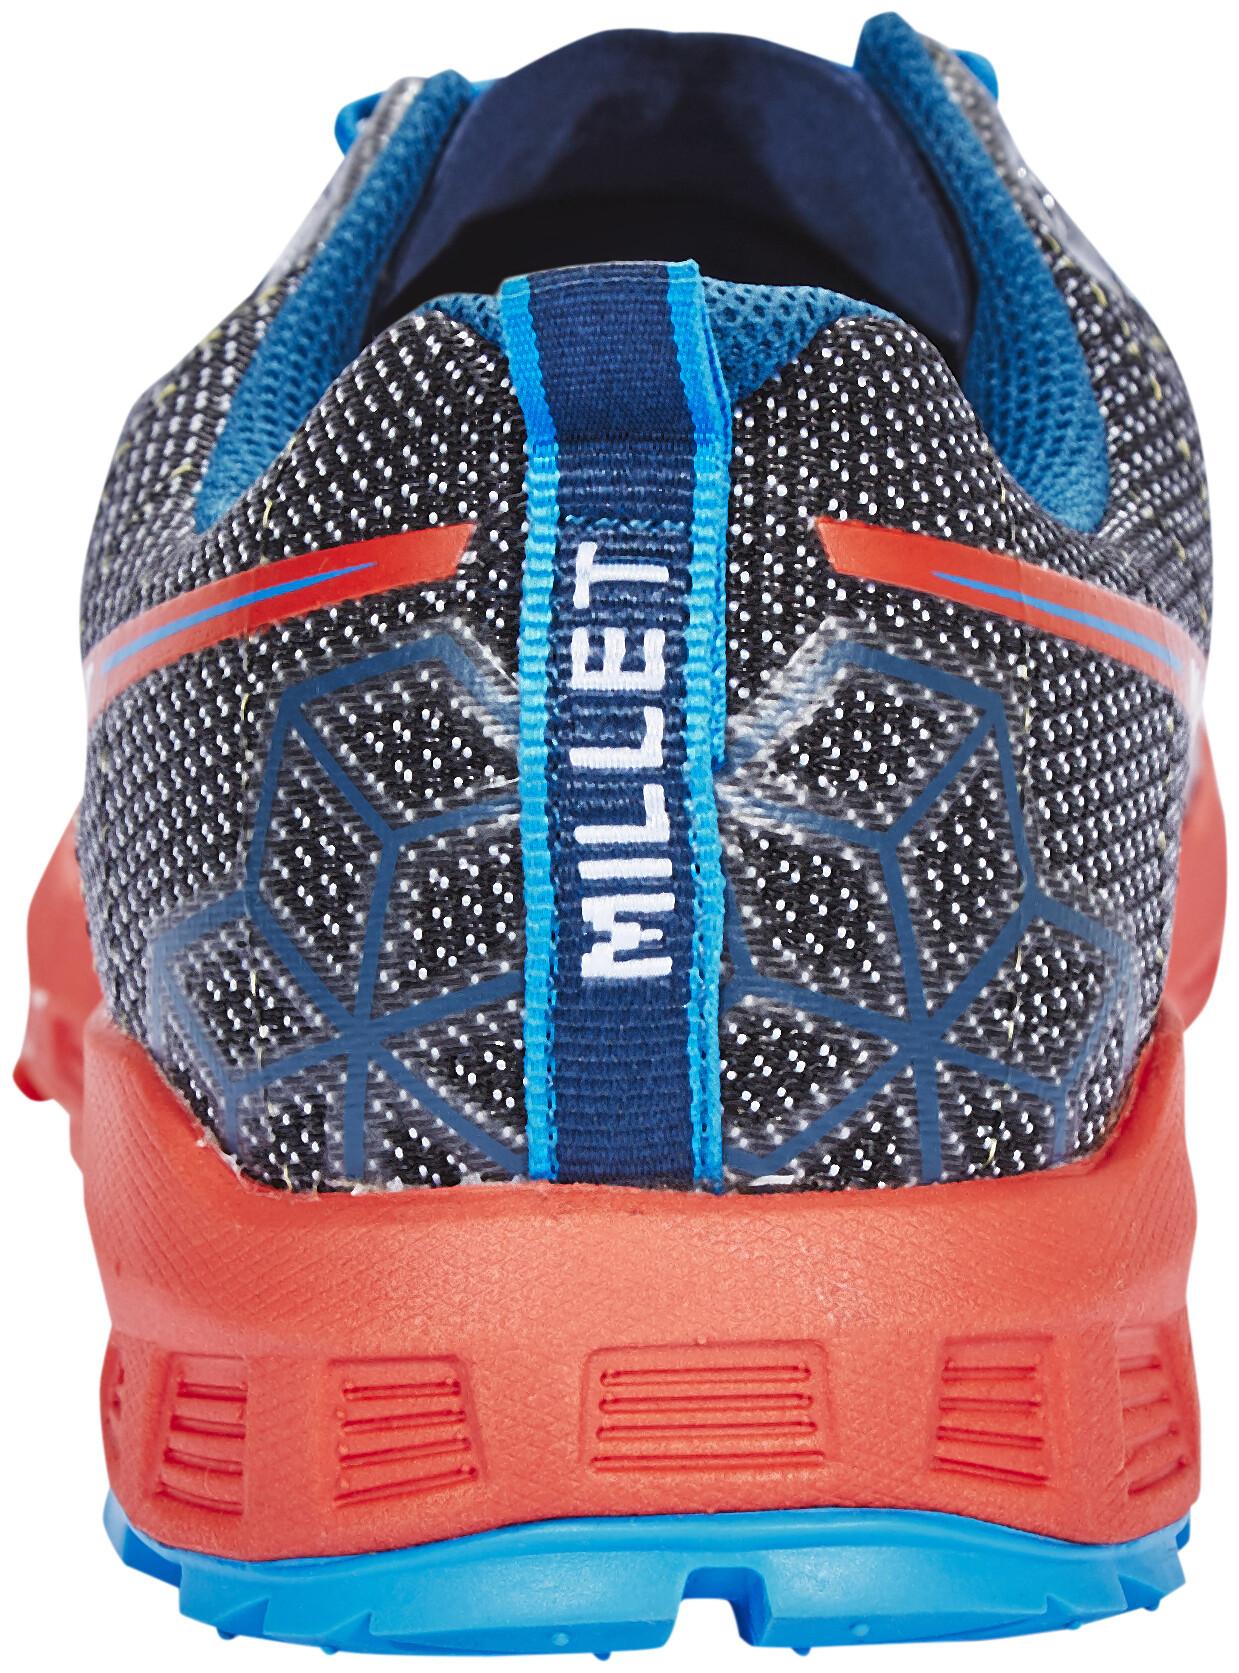 Rush Light Low Orangeelectric Millet Shoes Men Blue 4jLqR35A